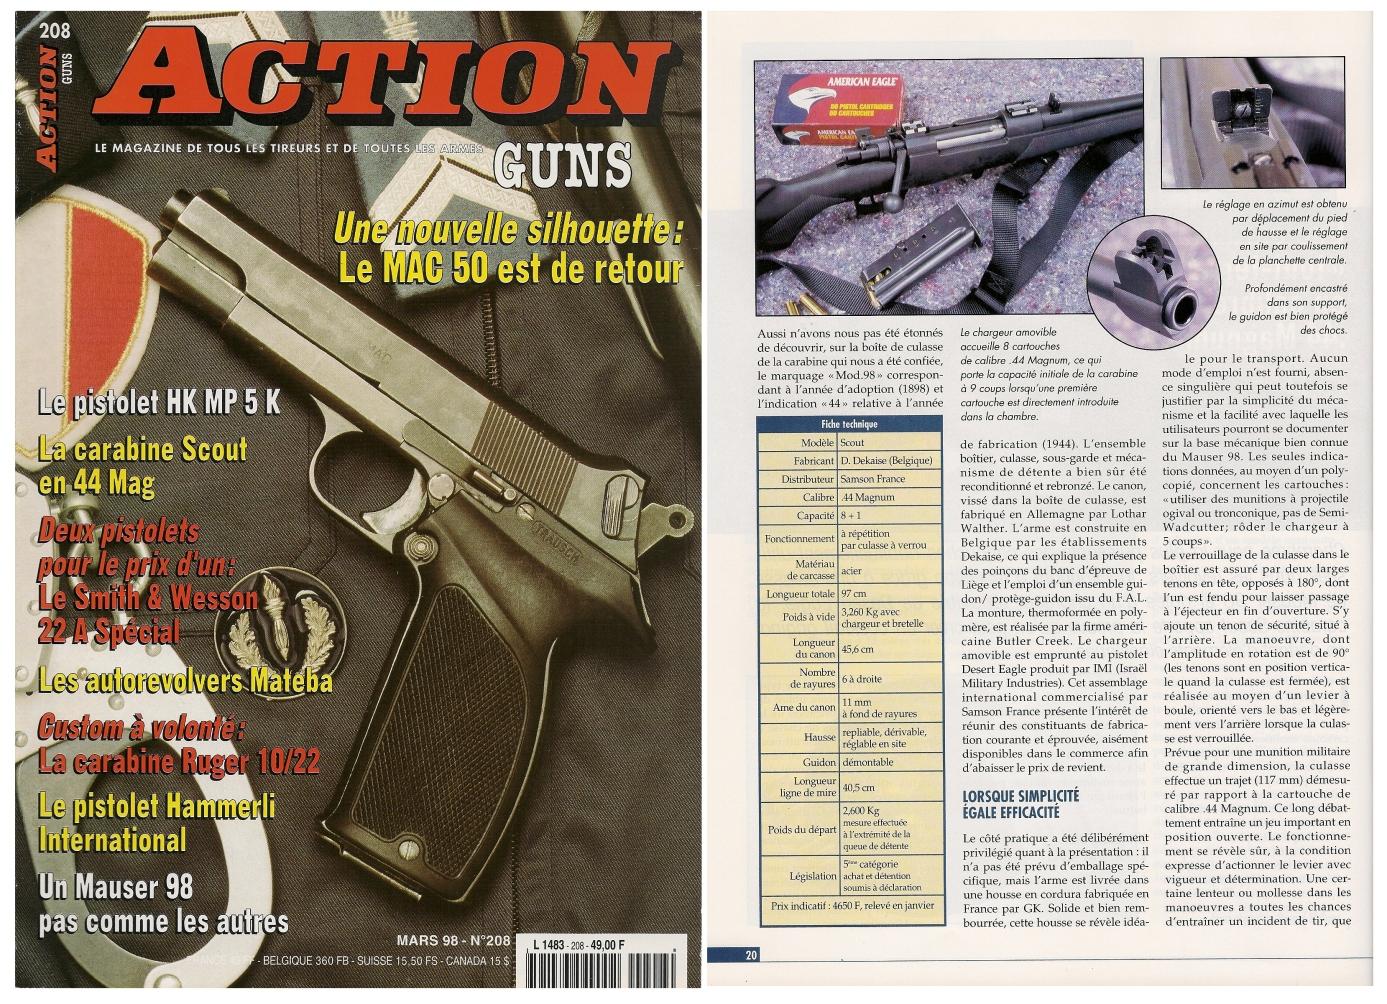 Le banc d'essai de la carabine « Scout » Samson France a été publié sur 5 pages dans le magazine Action Guns n°208 (mars 1998).